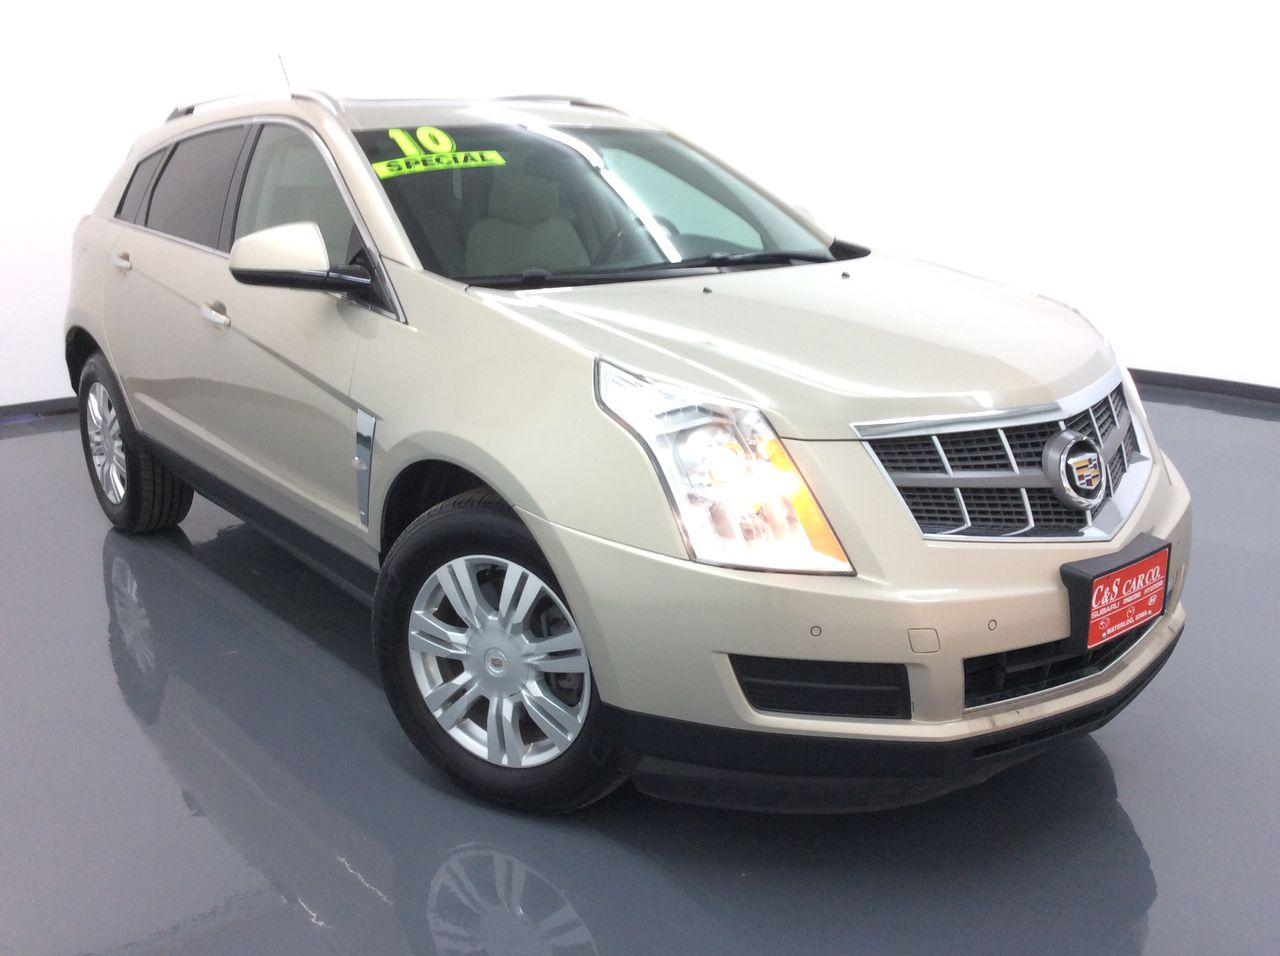 2010 Cadillac SRX  - C & S Car Company